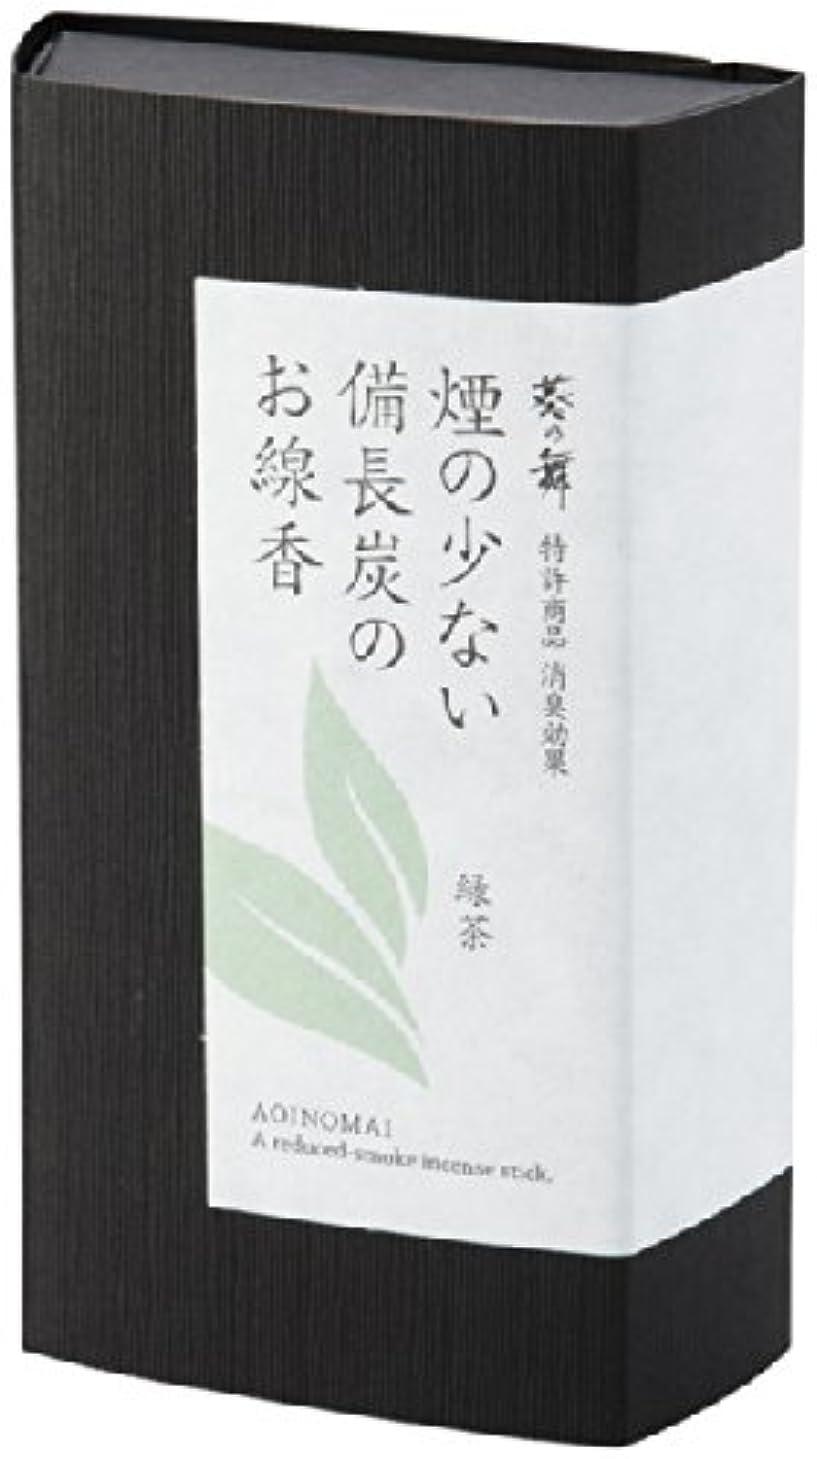 レルム収容する自動化カメヤマのお線香 葵乃舞 煙の少ない備長炭のお線香 緑茶